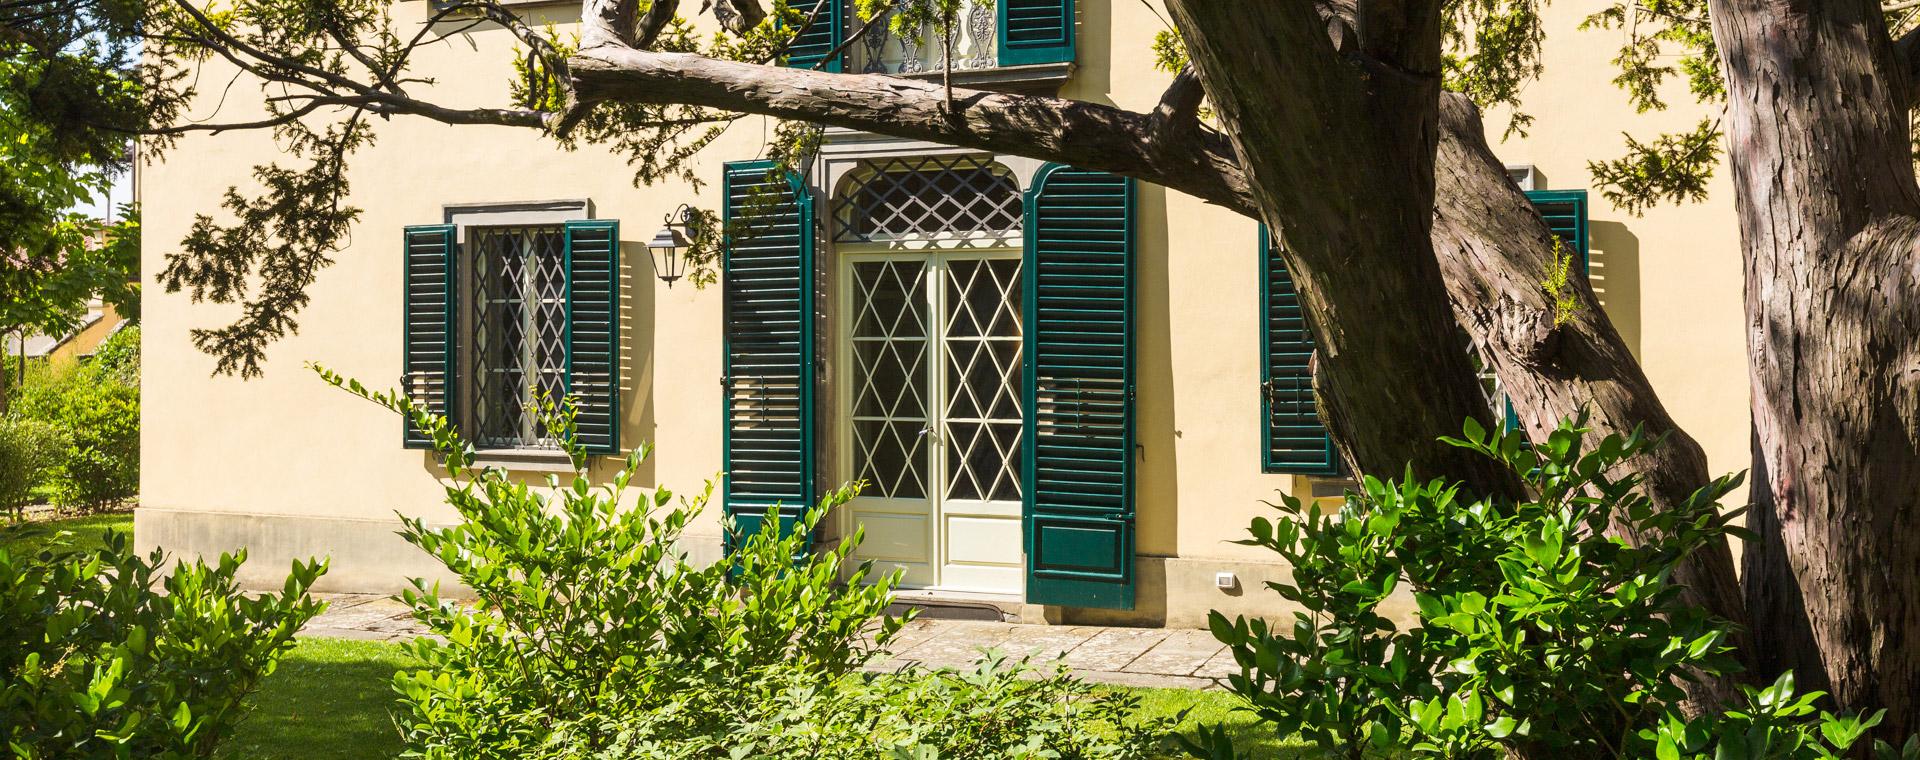 Residenza d'epoca in Toscana vendesi